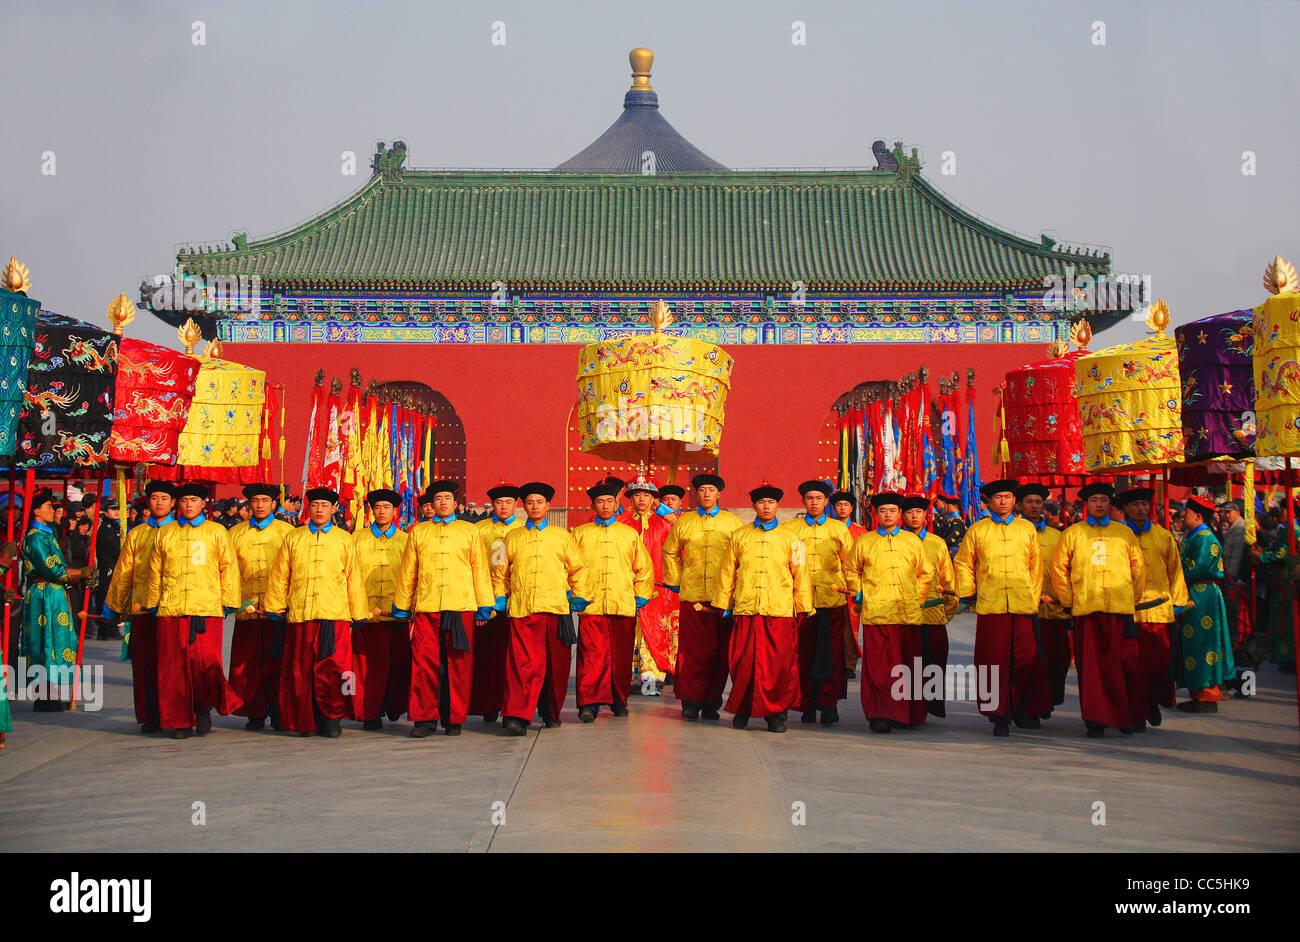 Venerar el cielo ceremonia en el Templo del Cielo, Pekín, China Imagen De Stock